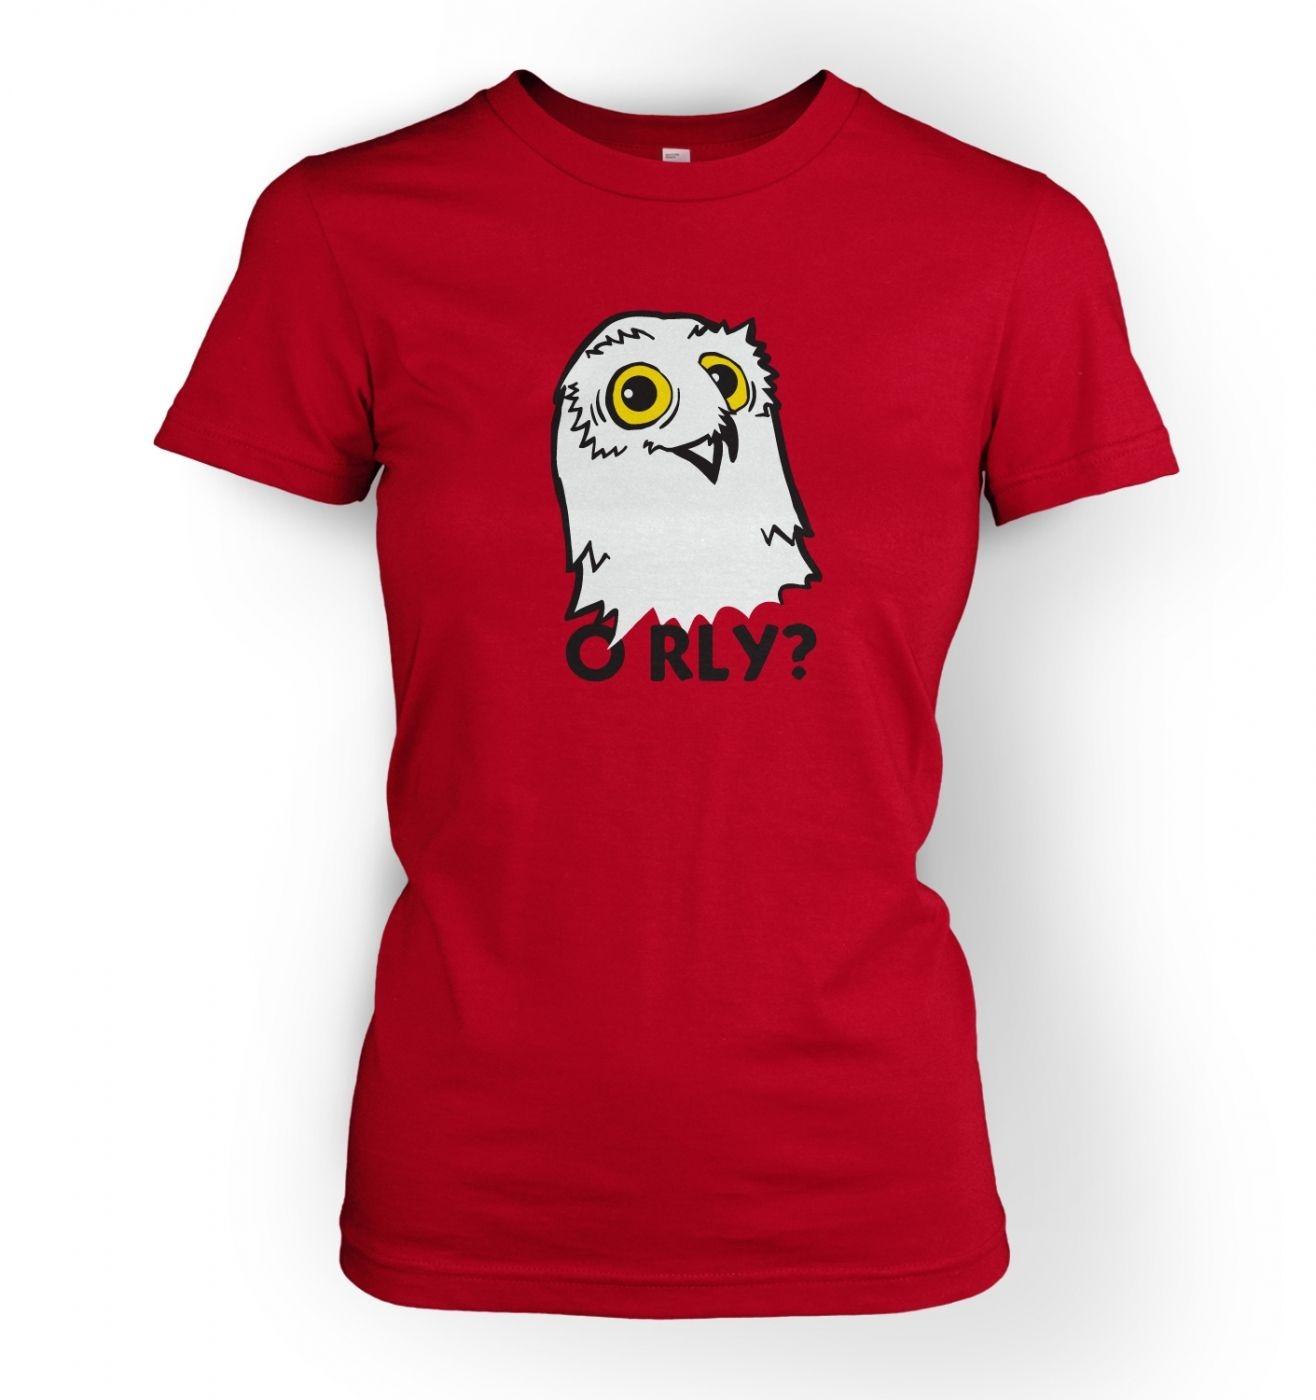 Women's O RLY? Owl t-shirt